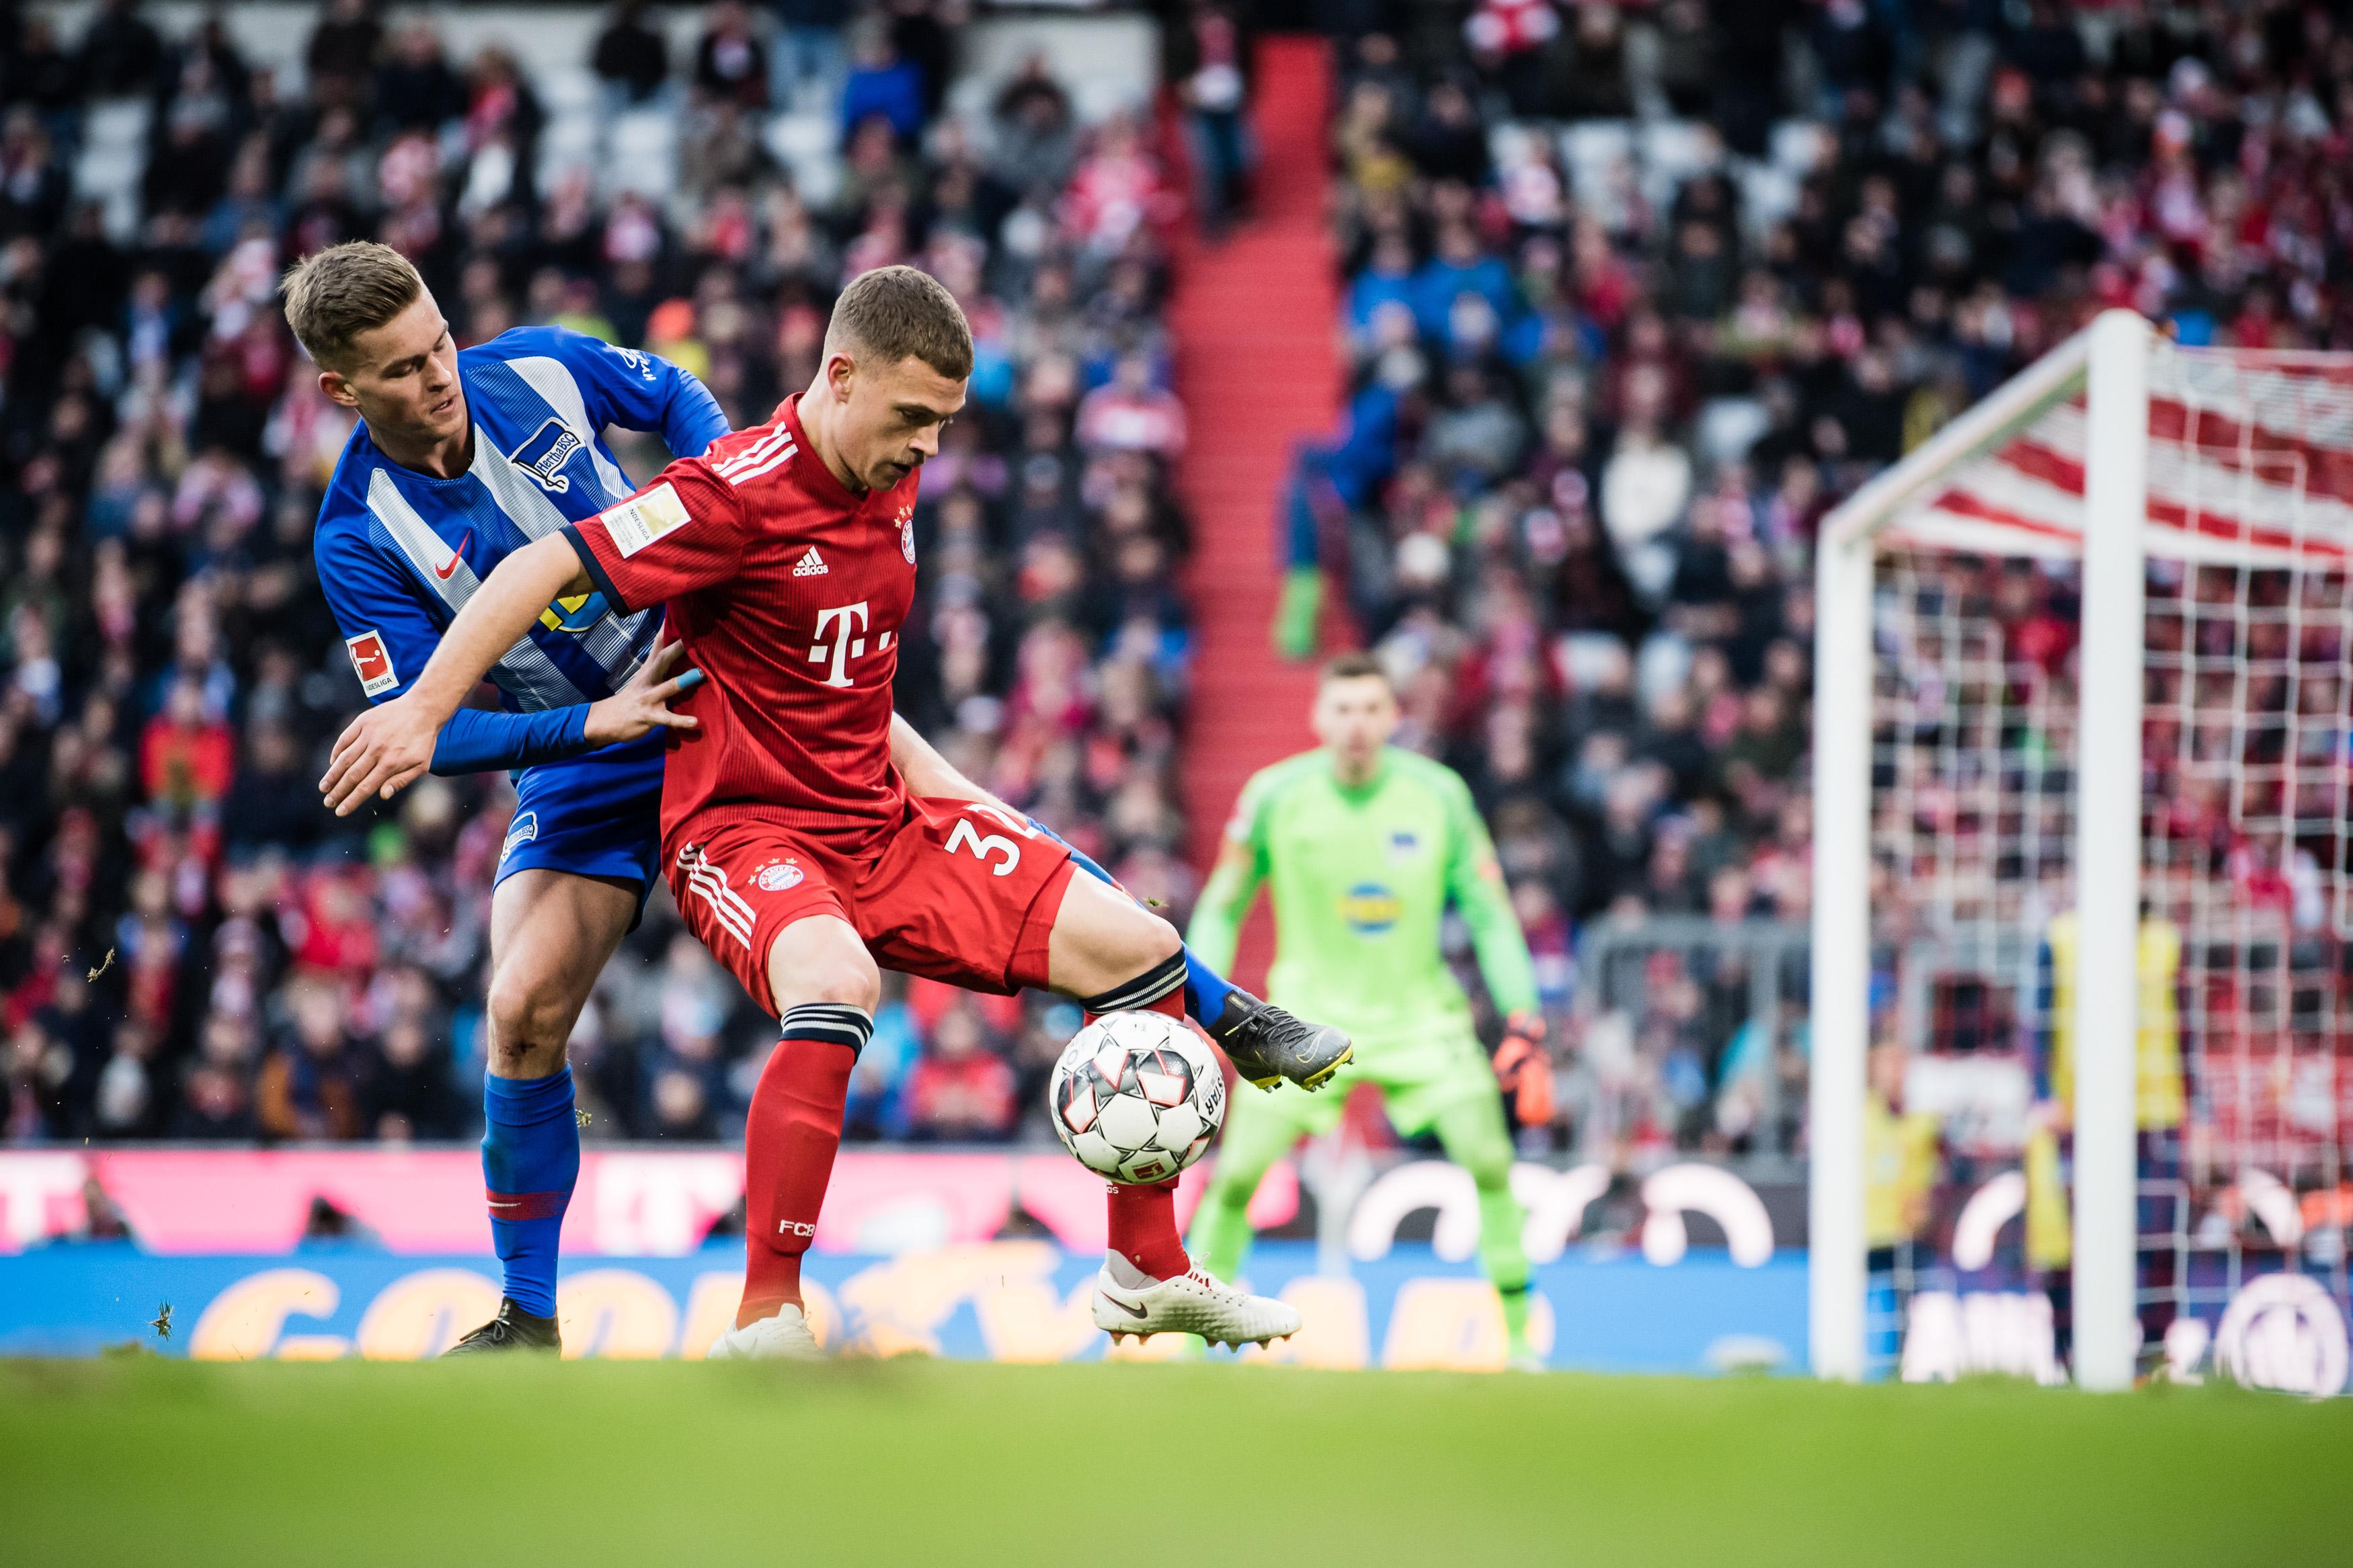 FC Bayern Muenchen v Hertha Berlin - Bundesliga For DFL